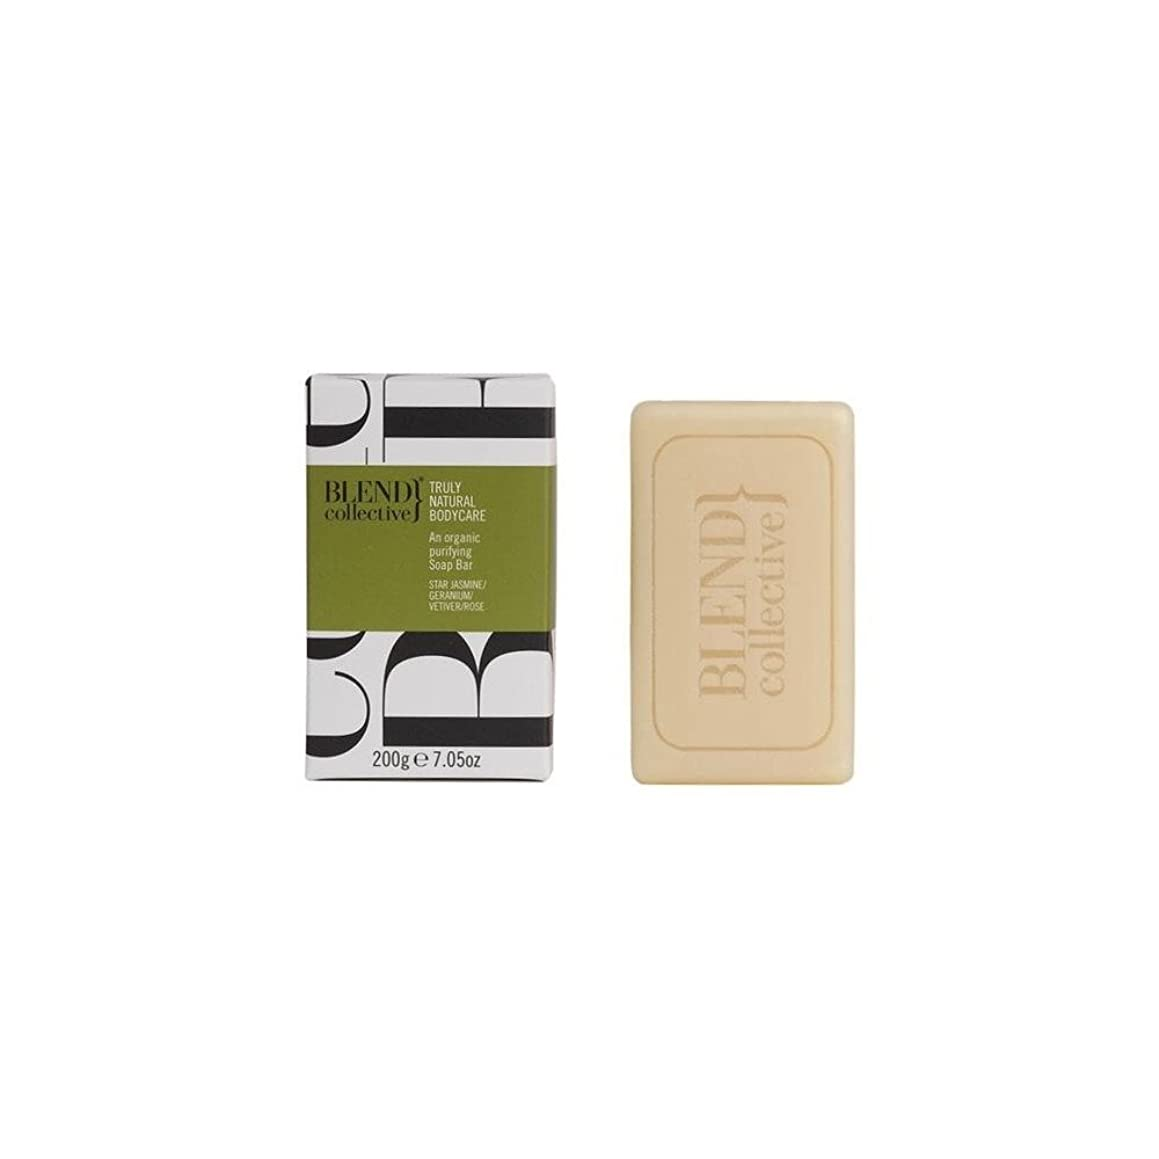 補助繁雑週末Blend Collective Balancing Soap Bar (200g) 集団バランシングソープバー( 200グラム)をブレンド [並行輸入品]